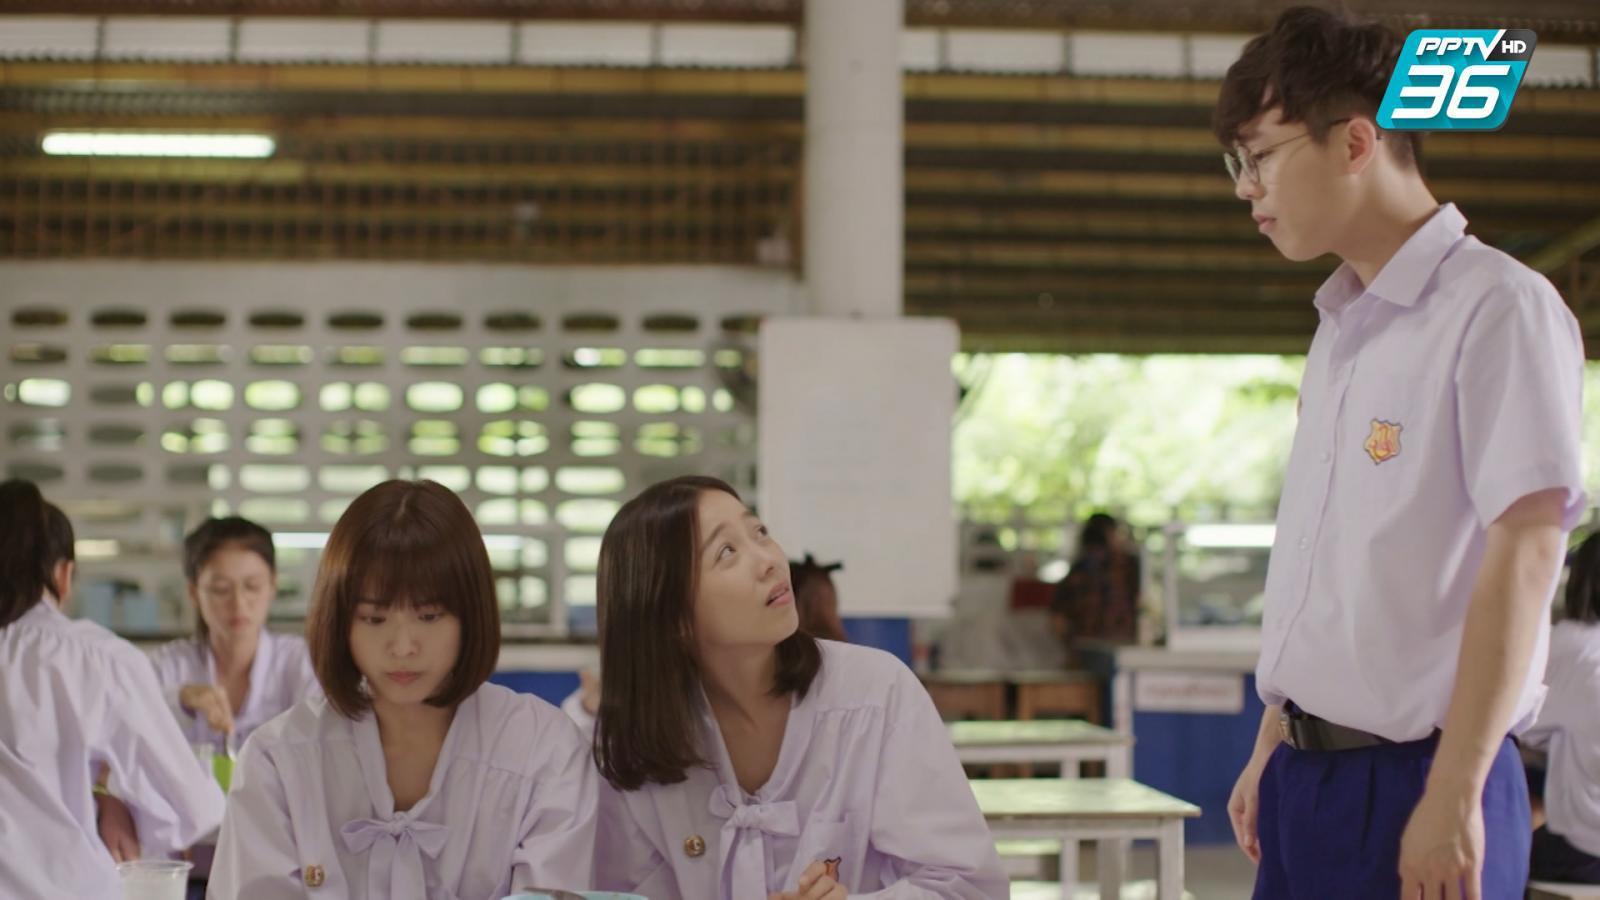 กาลครั้งหนึ่ง รักของเรา EP.1 | ฟินสุด | บอกขอชิม แต่กินหมดจาน | PPTV HD 36